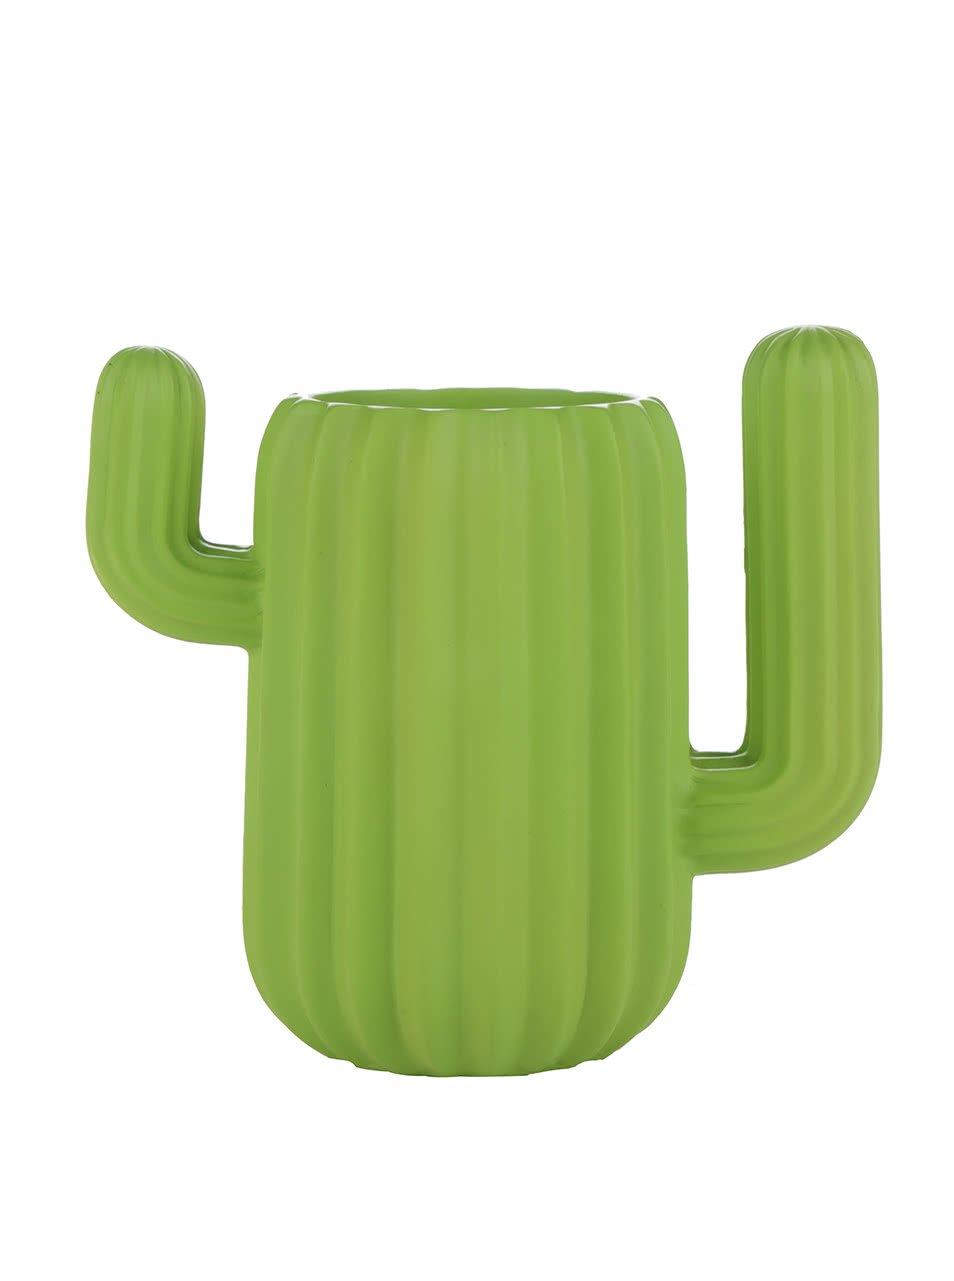 Zelená nádoba na tužky ve tvaru kaktusu Mustard